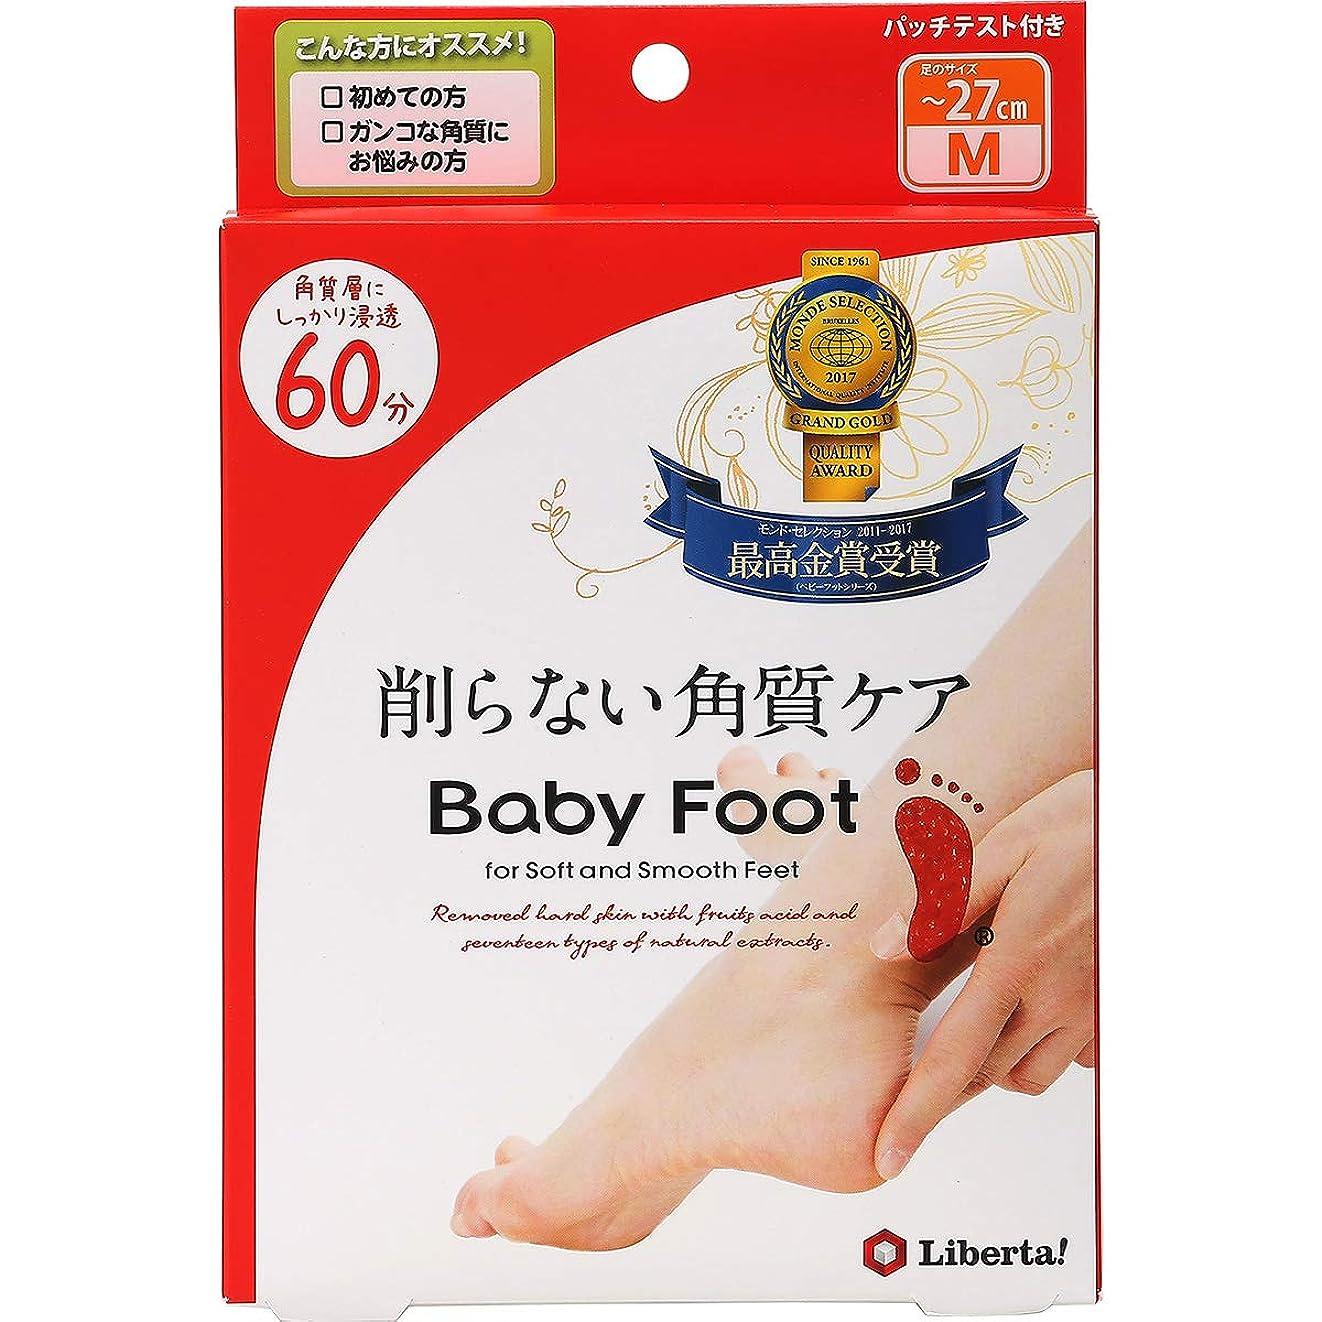 パフスコットランド人夫ベビーフット (Baby Foot) ベビーフット イージーパック SPT60分タイプ Mサイズ 単品